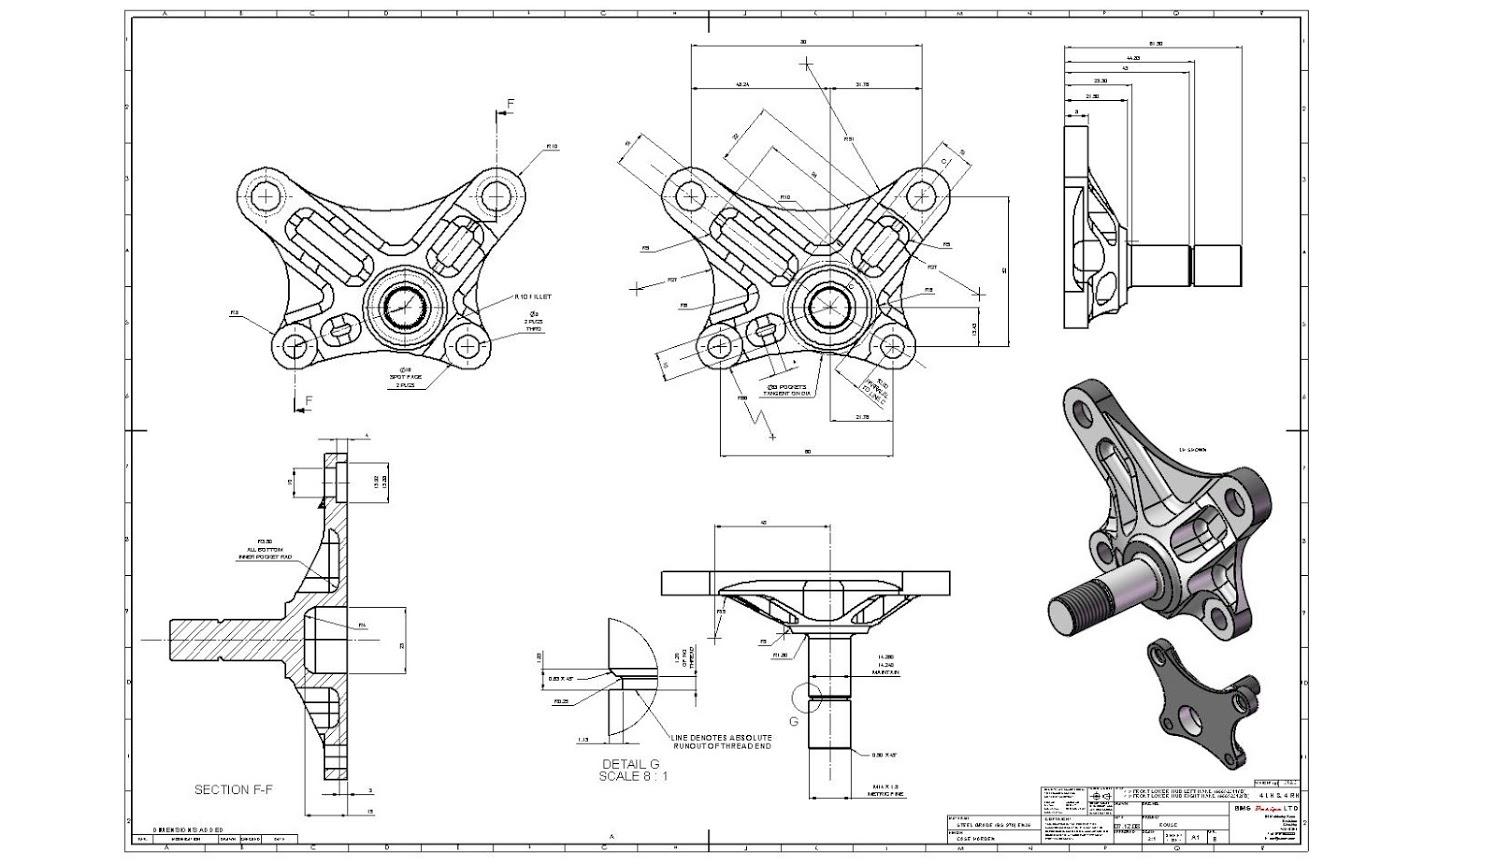 bms+design+ltd+pescarola+race+car+lower+